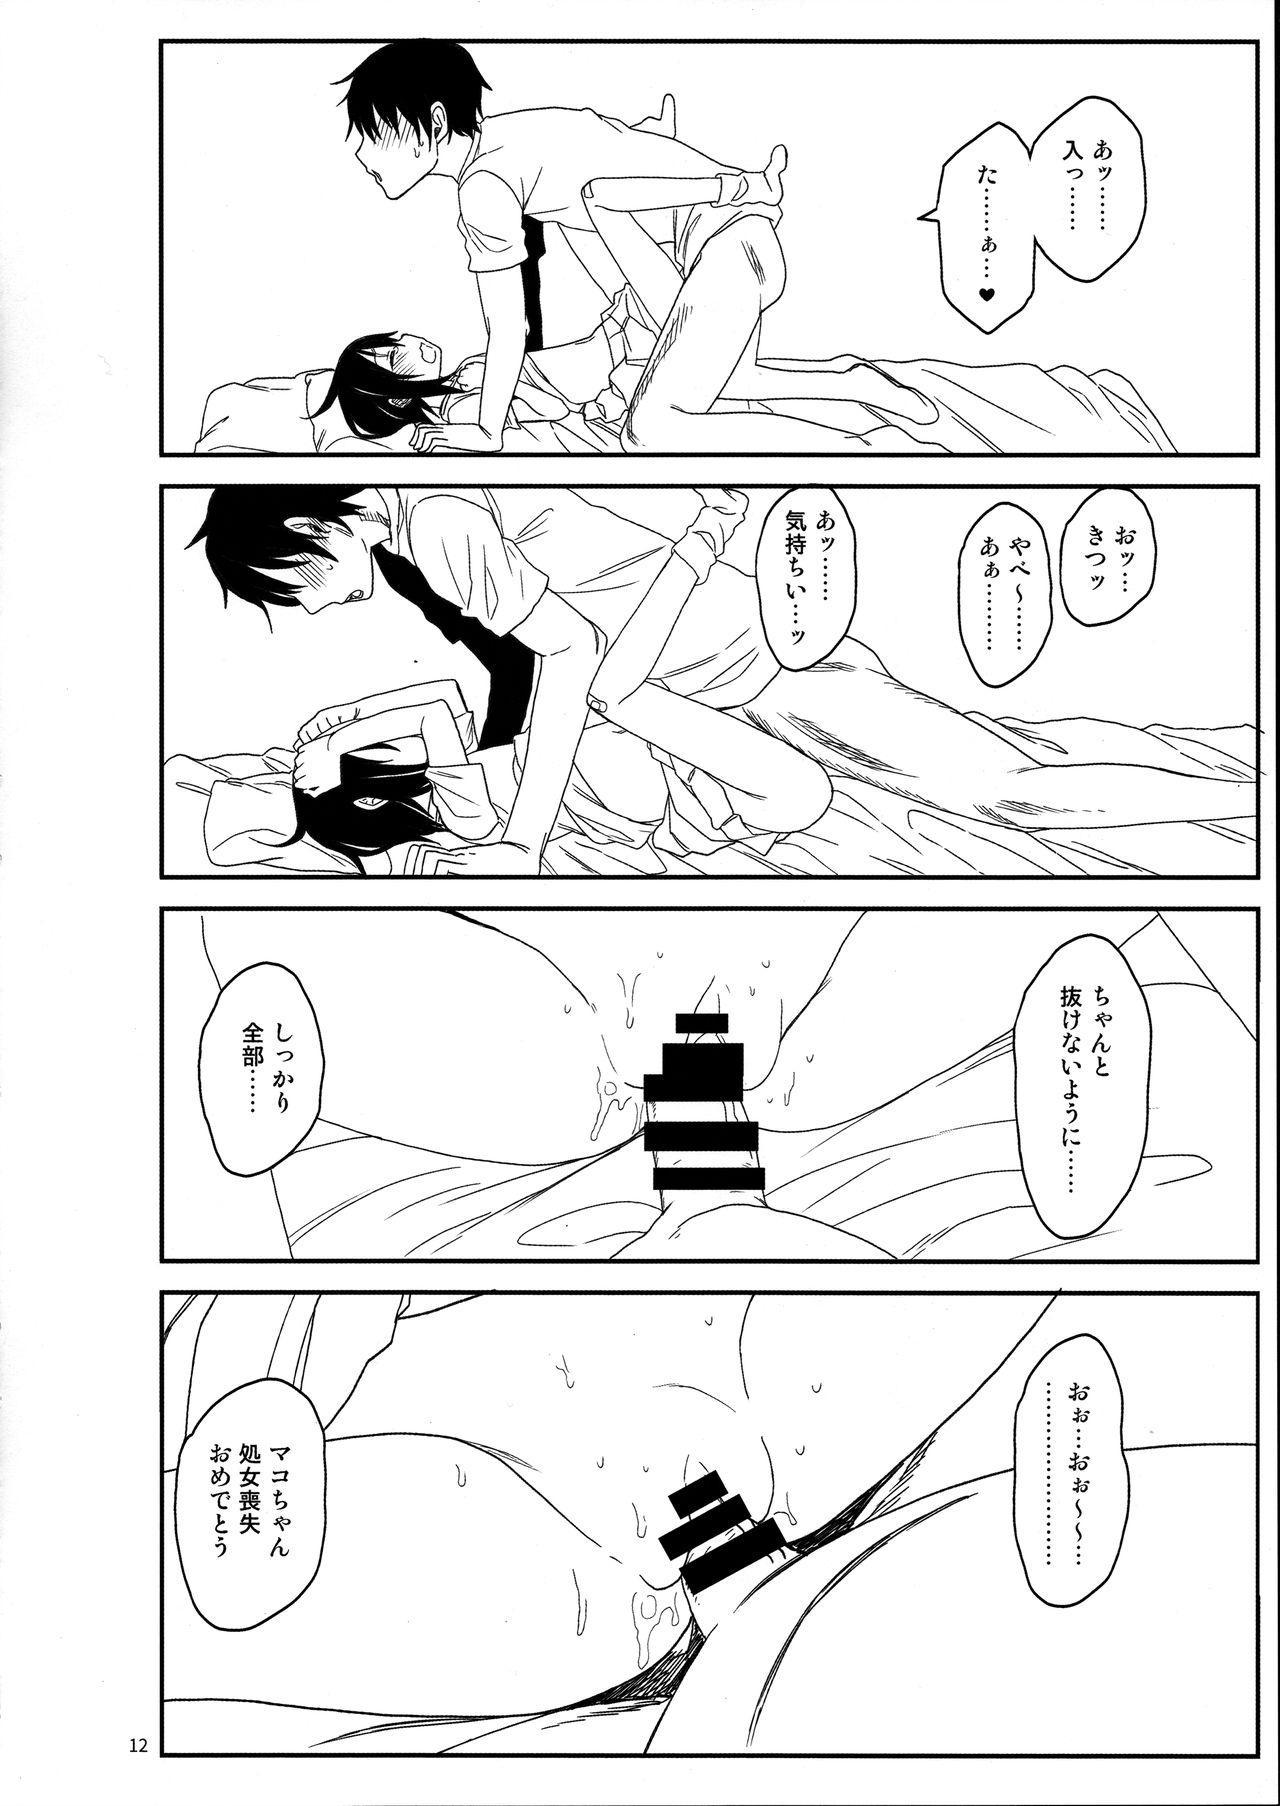 Tonari no Mako-chan Vol. 3 11